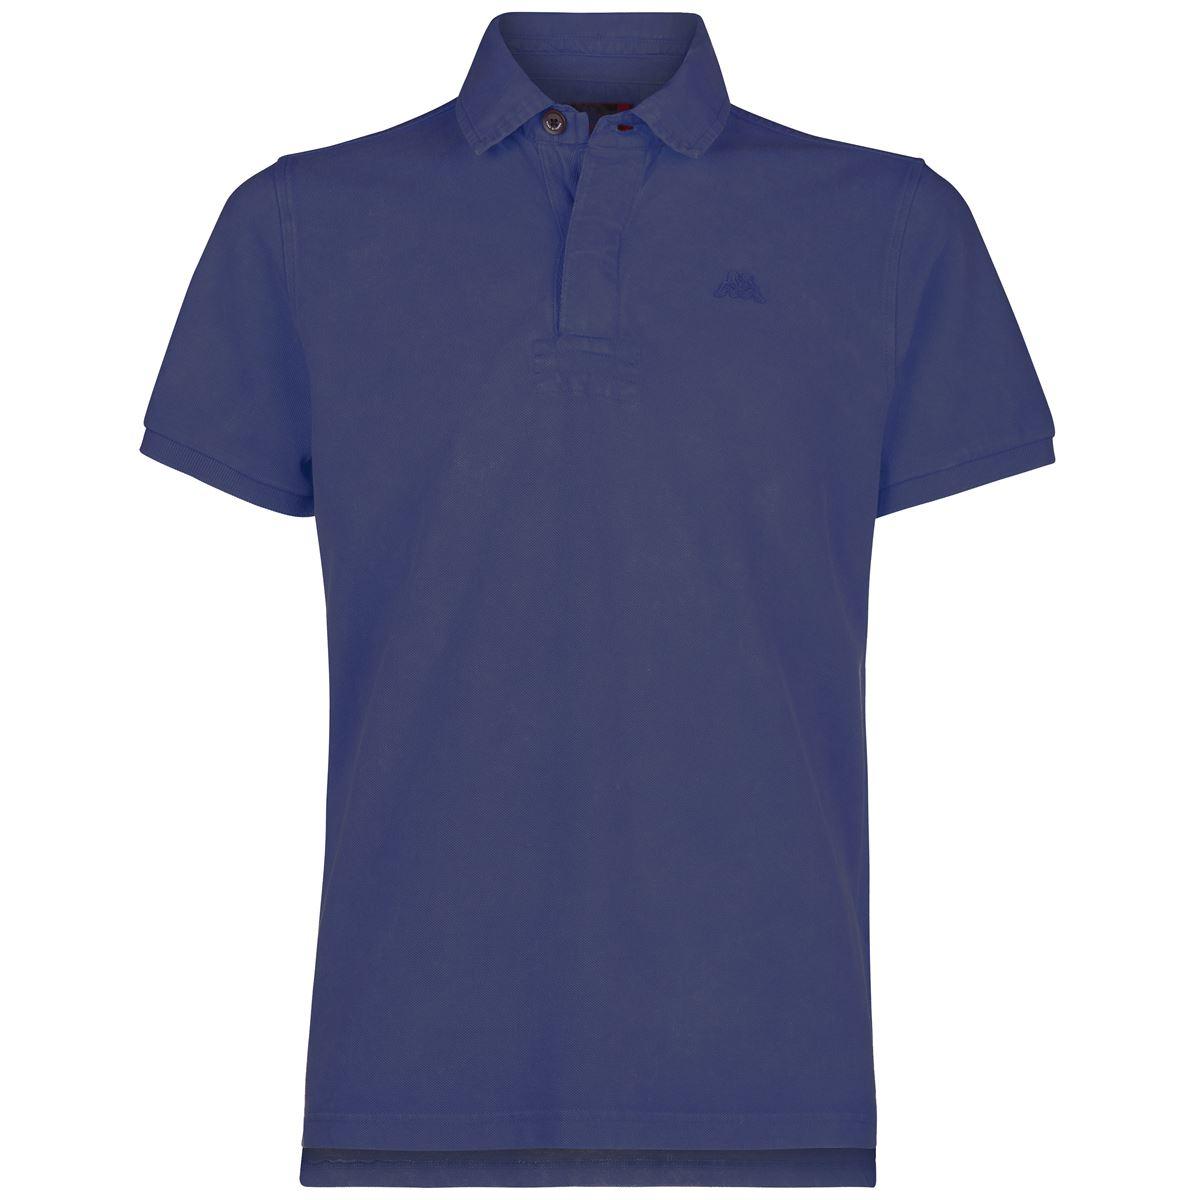 Robe di Kappa Polo Shirts uomo-68114EW